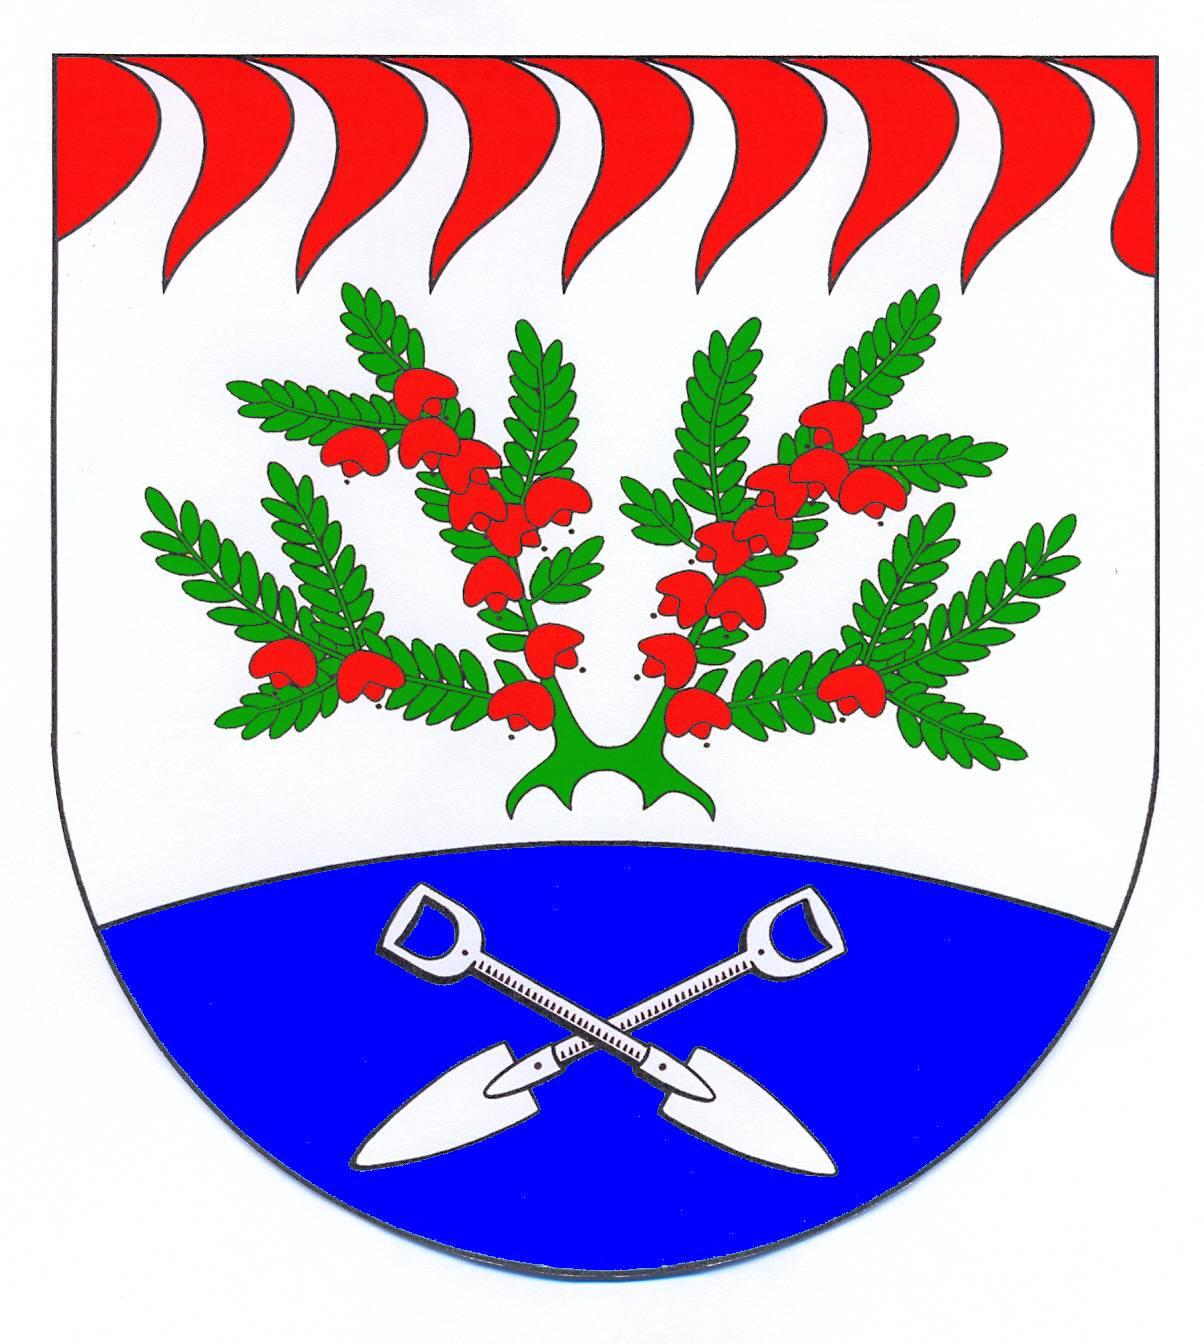 Wappen GemeindeHeidmoor, Kreis Segeberg